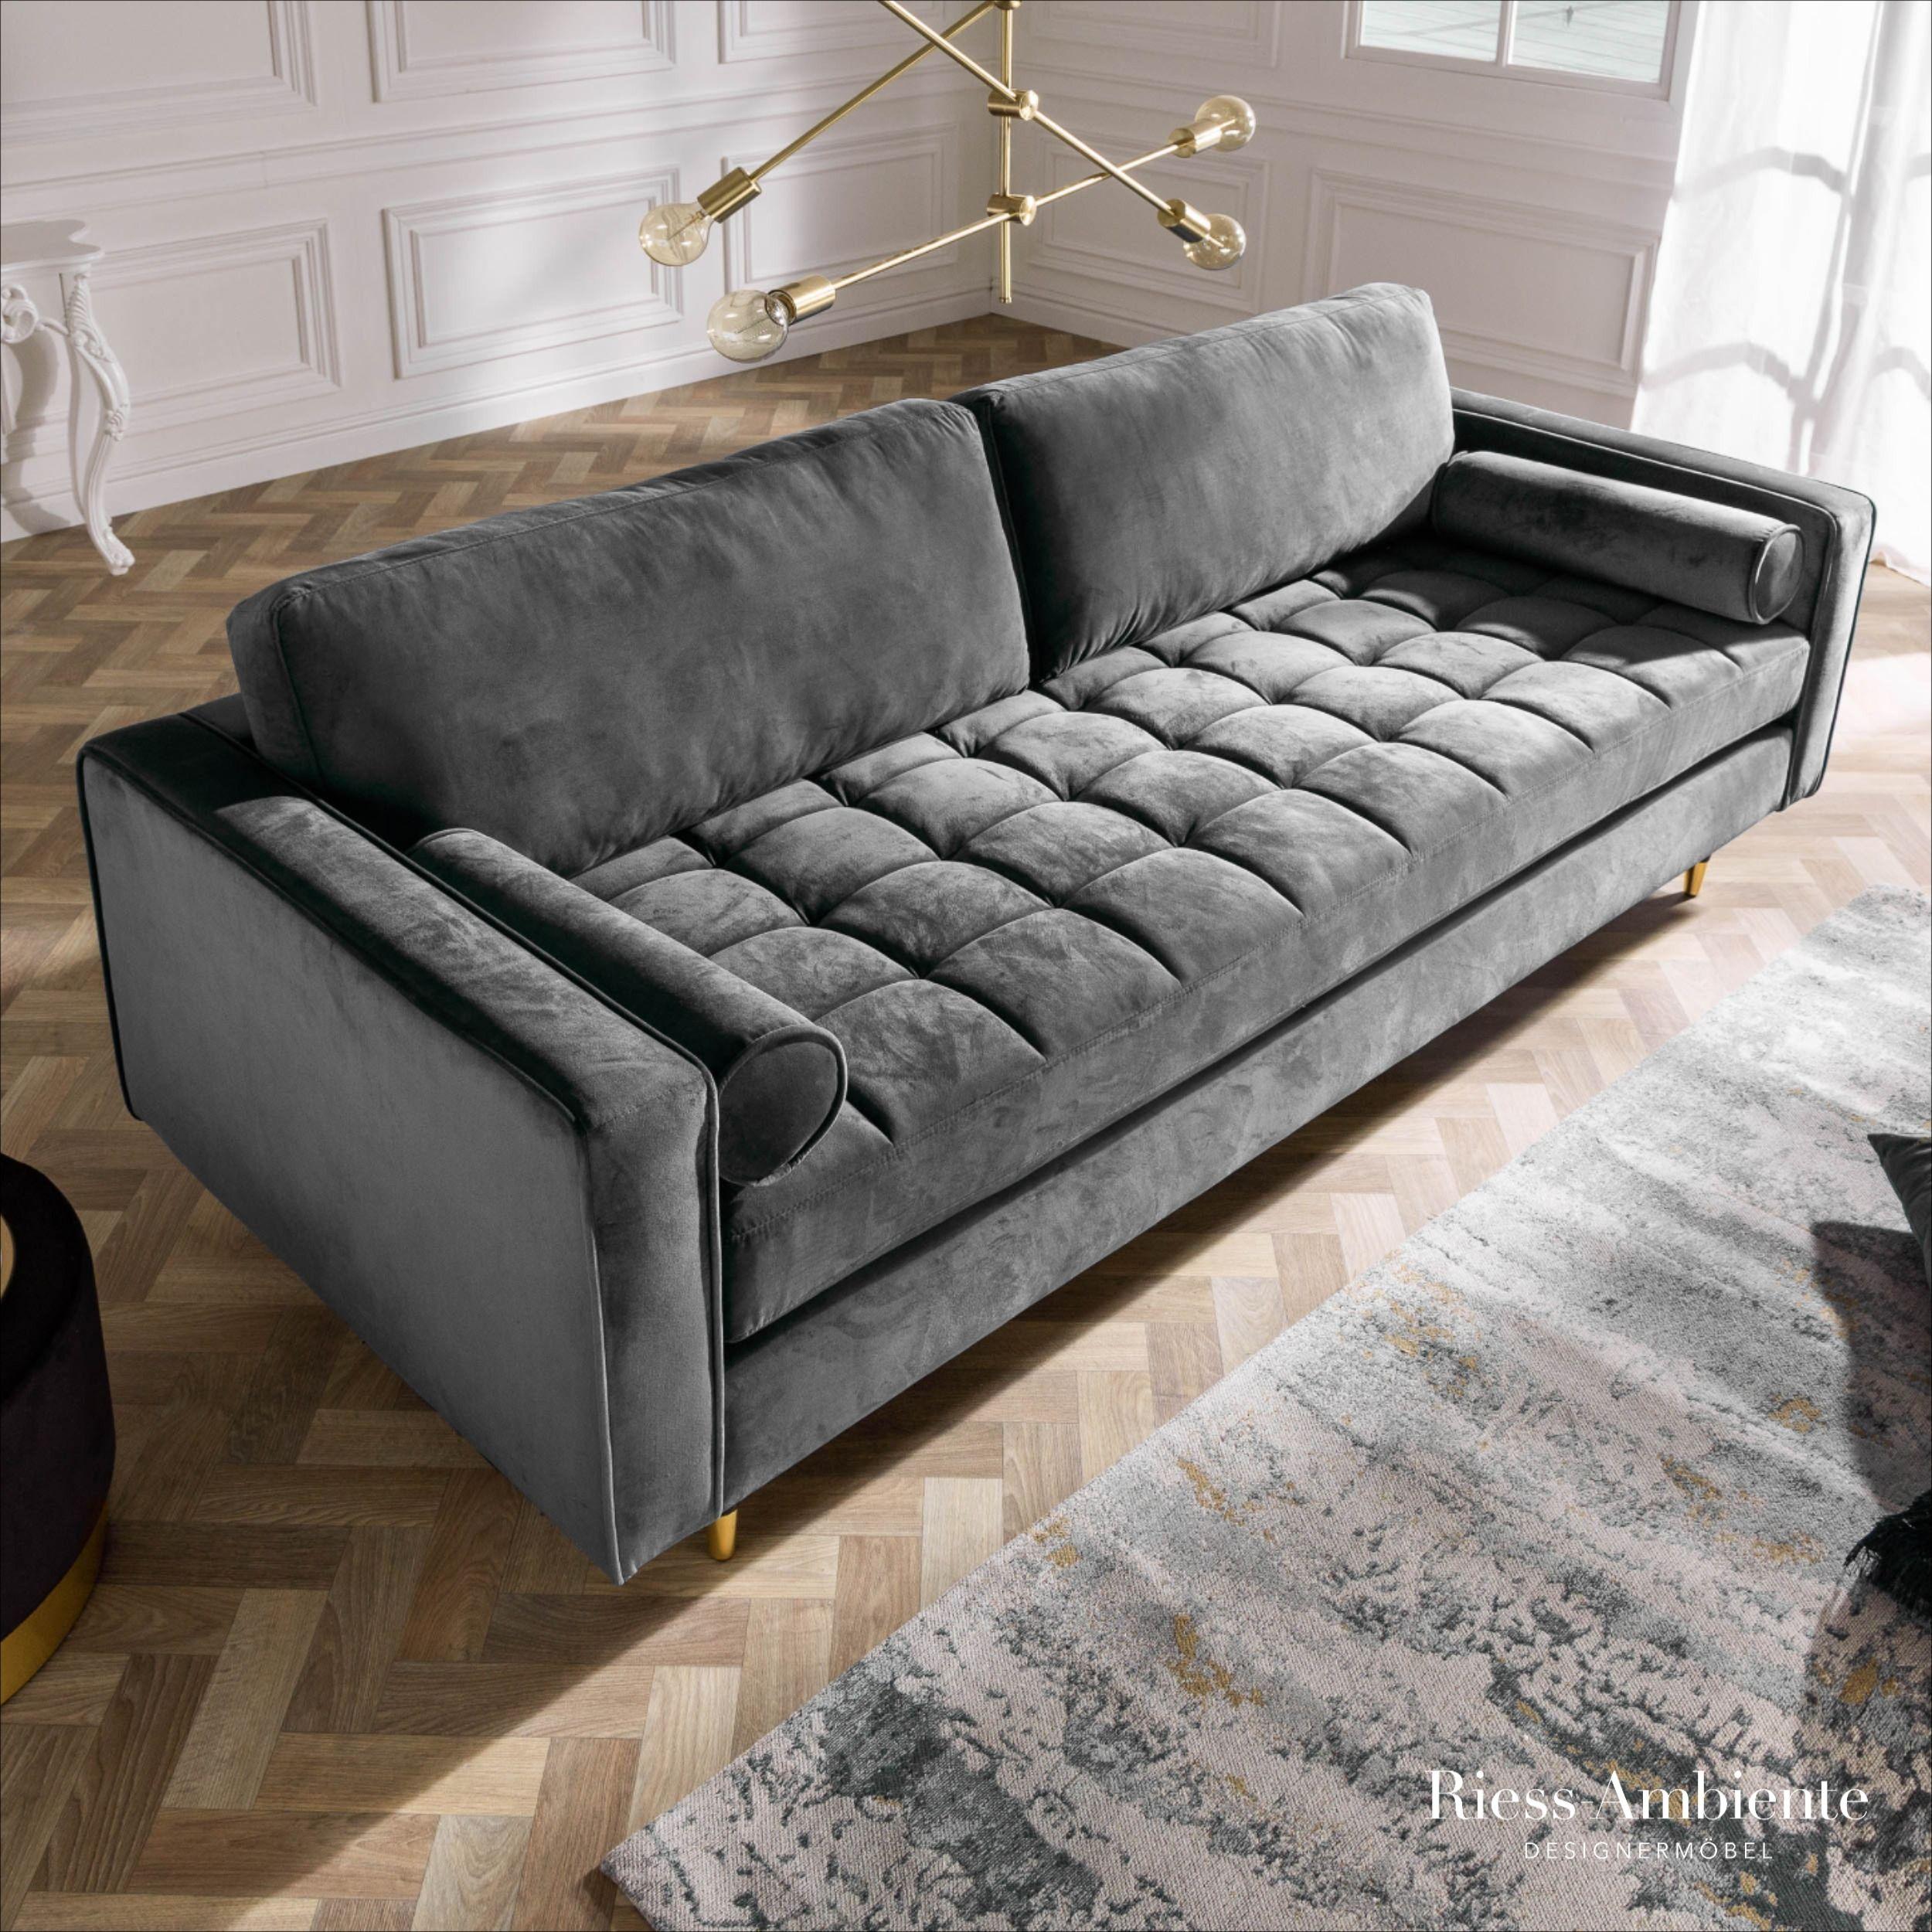 Elegantes Design 3er Sofa Cozy Velvet 225cm Grau Samt Federkern Riess Ambiente De In 2020 3er Sofa Sofa Grosses Sofa